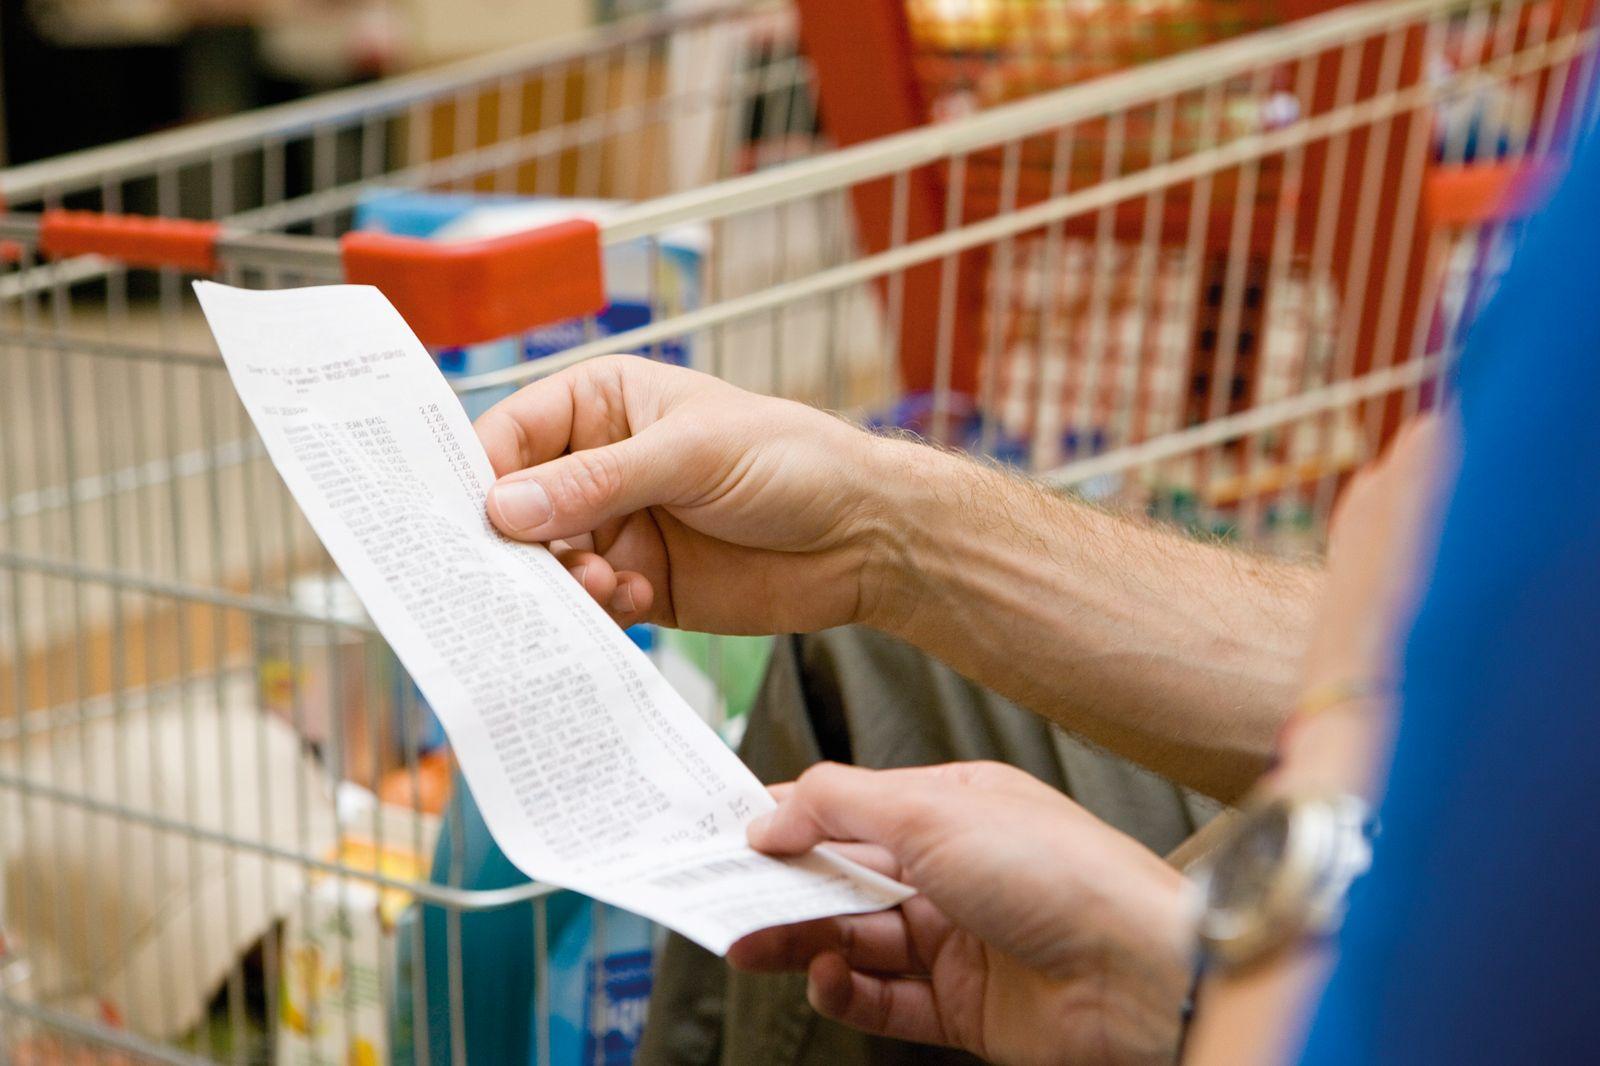 Eine Person hält einen Kassenzettel in der Hand